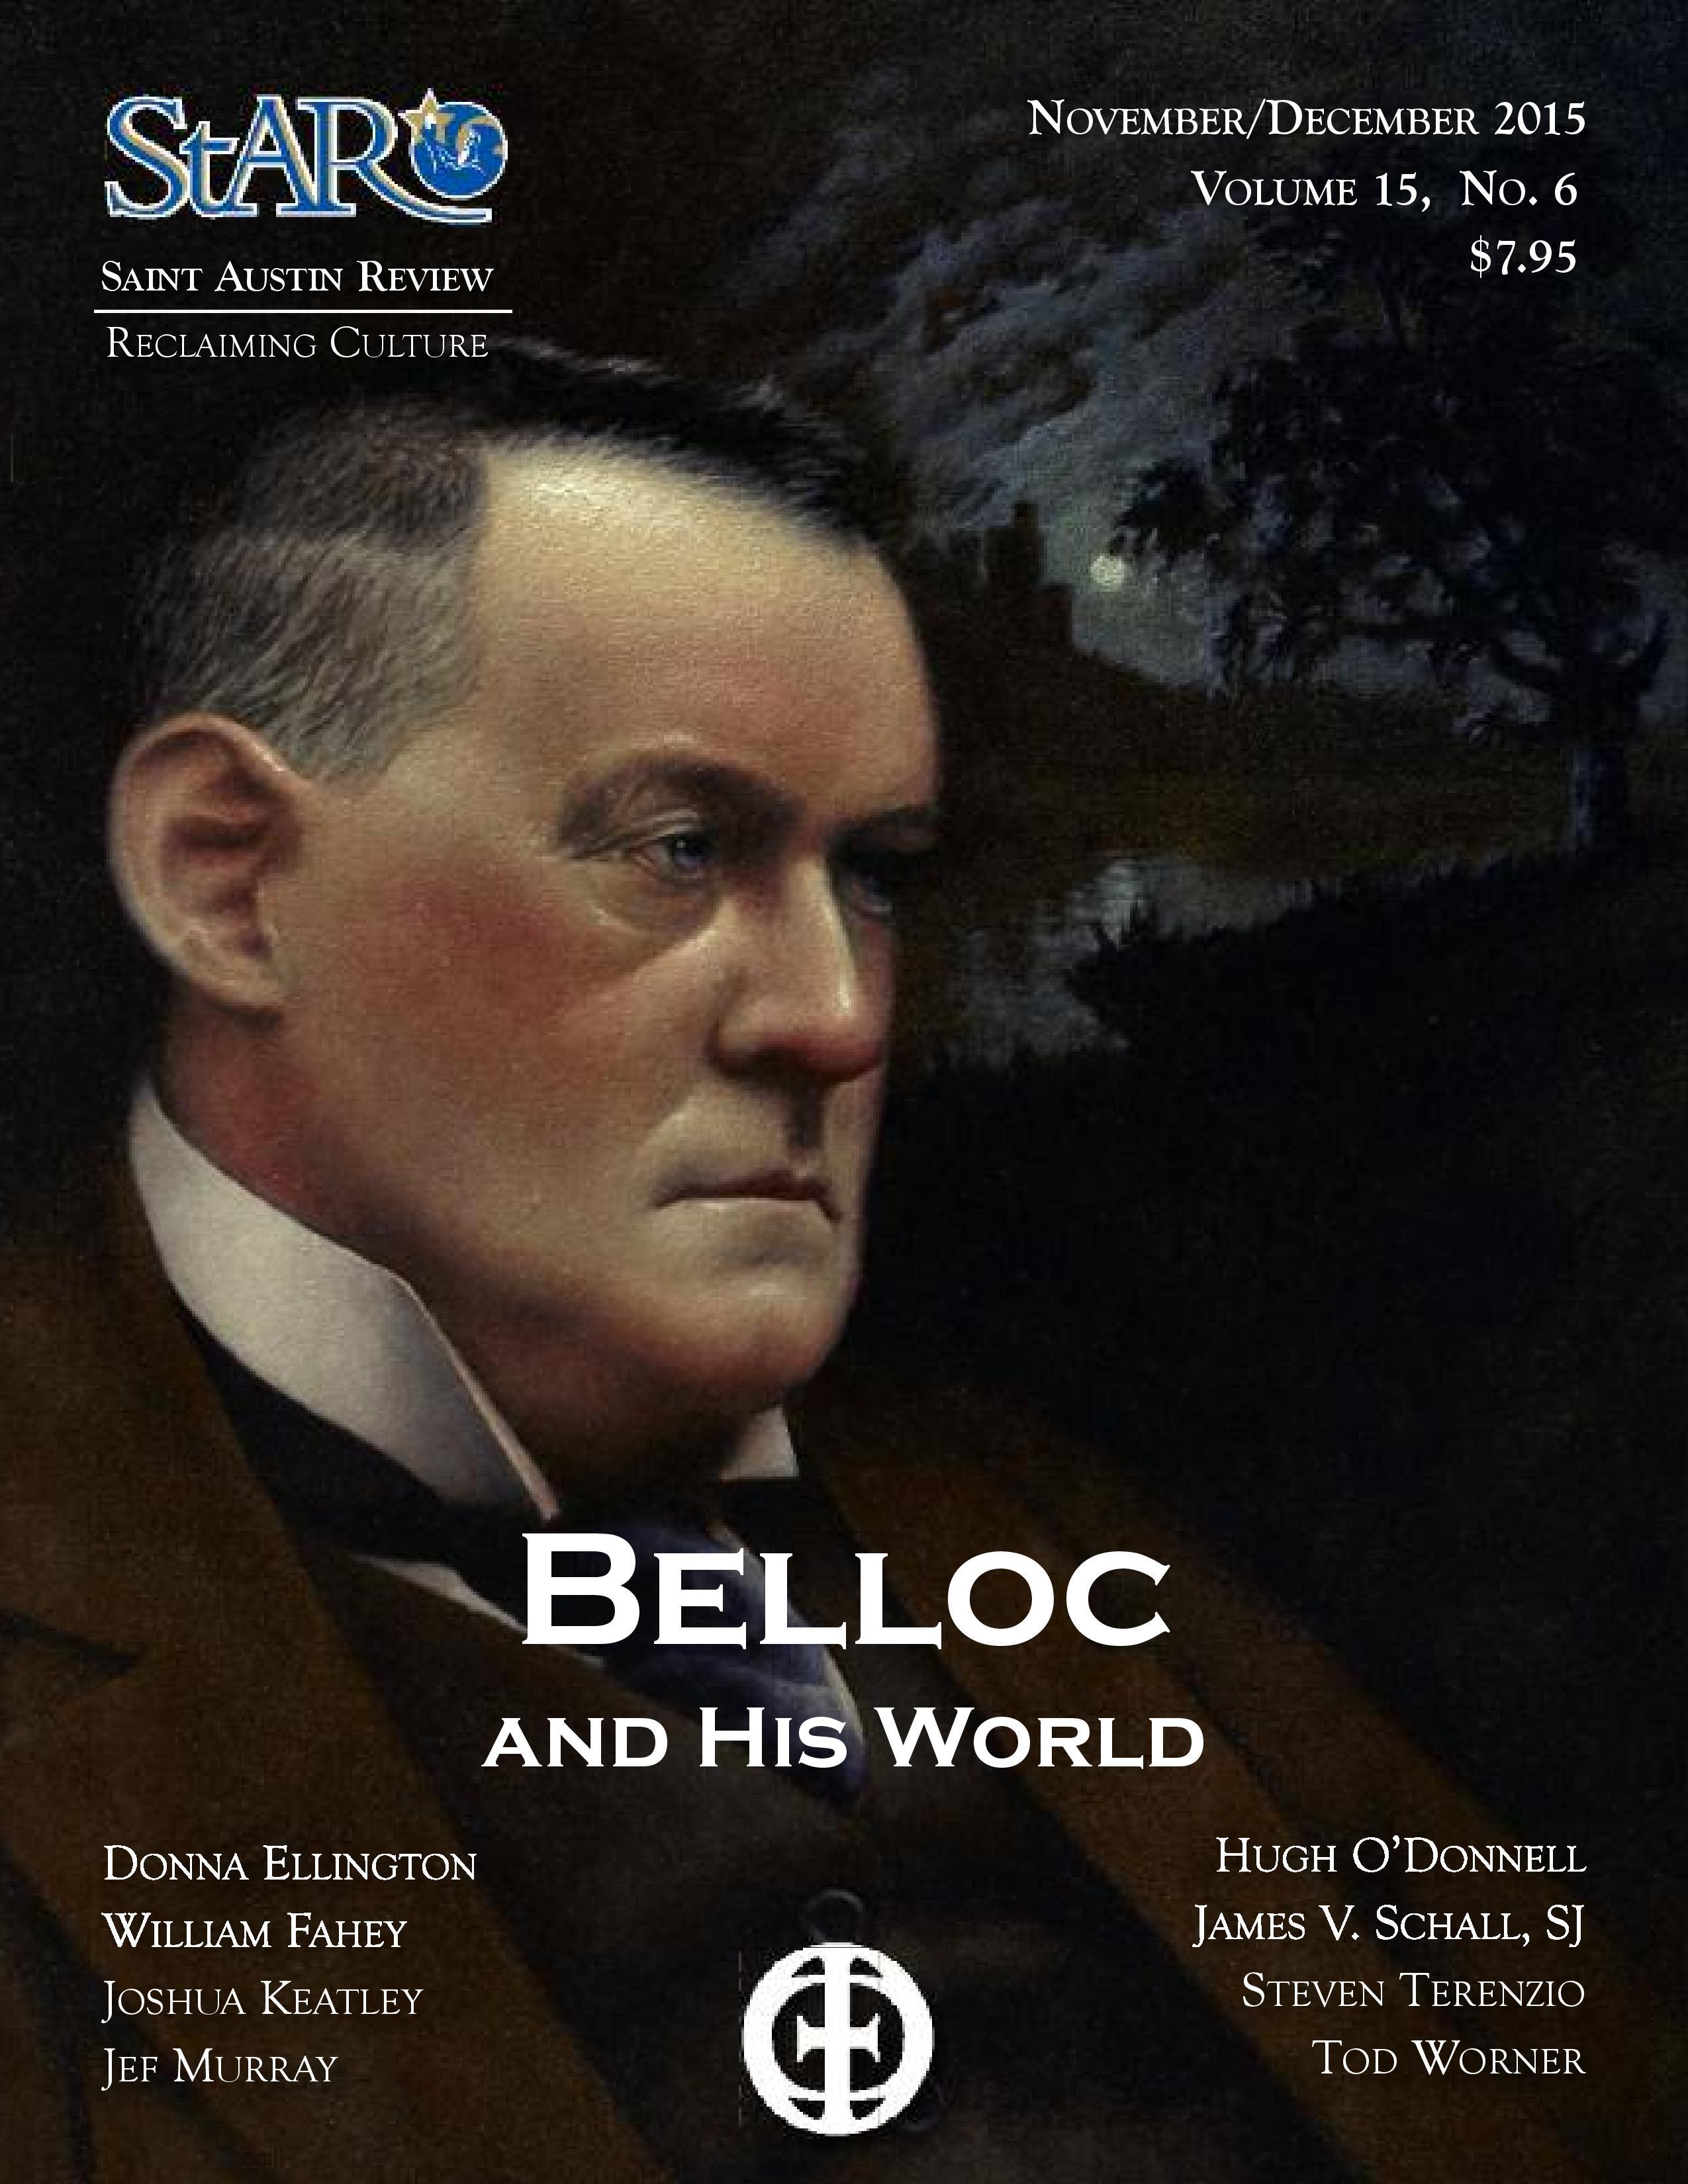 Belloc